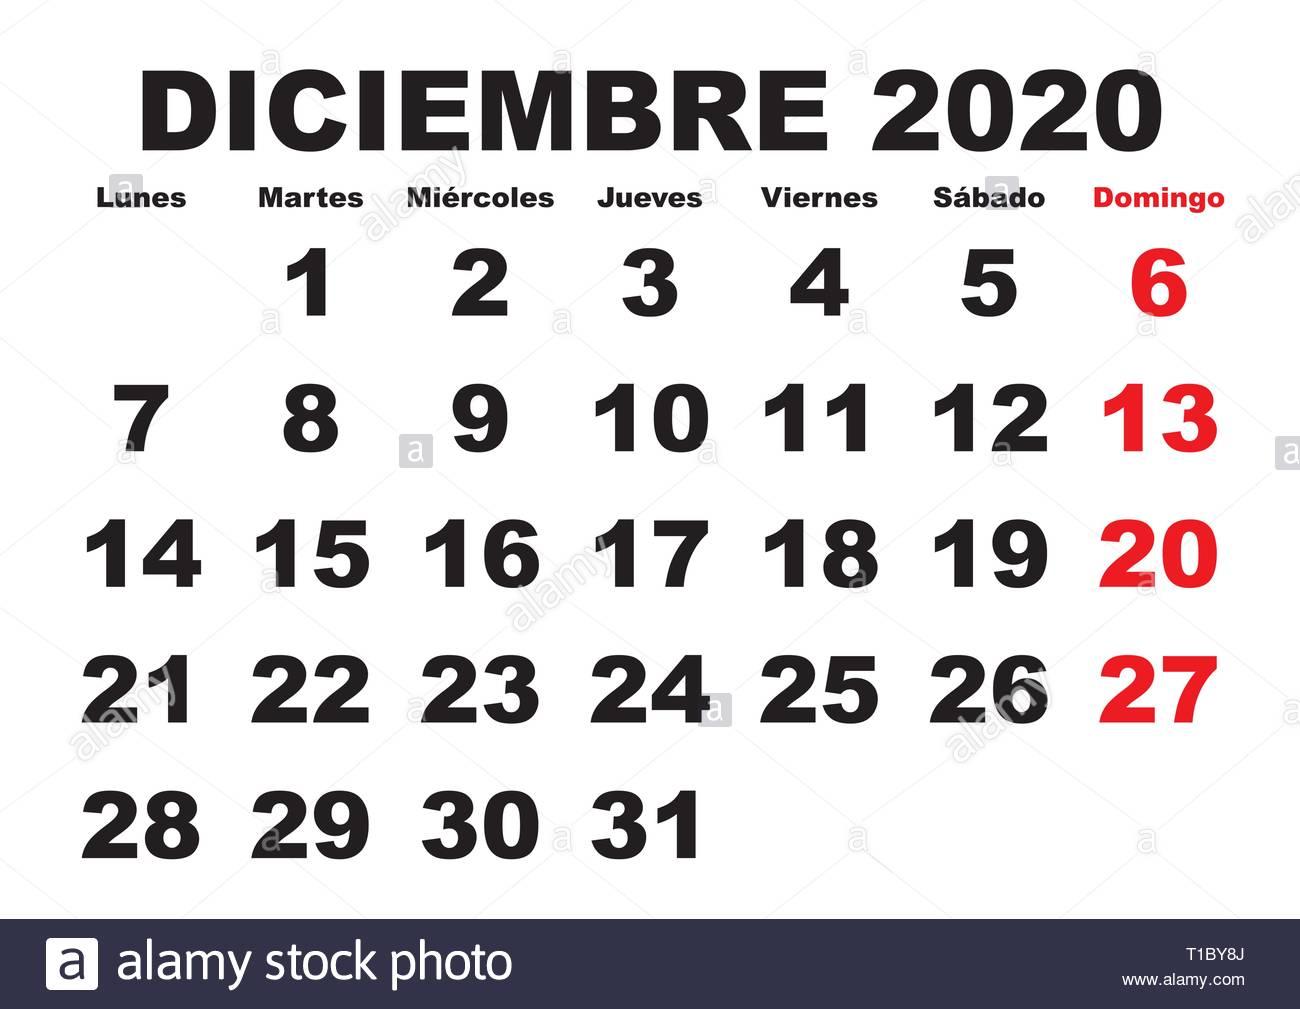 Dicembre Calendario 2020.Calendario 2020 Immagini Calendario 2020 Fotos Stock Alamy